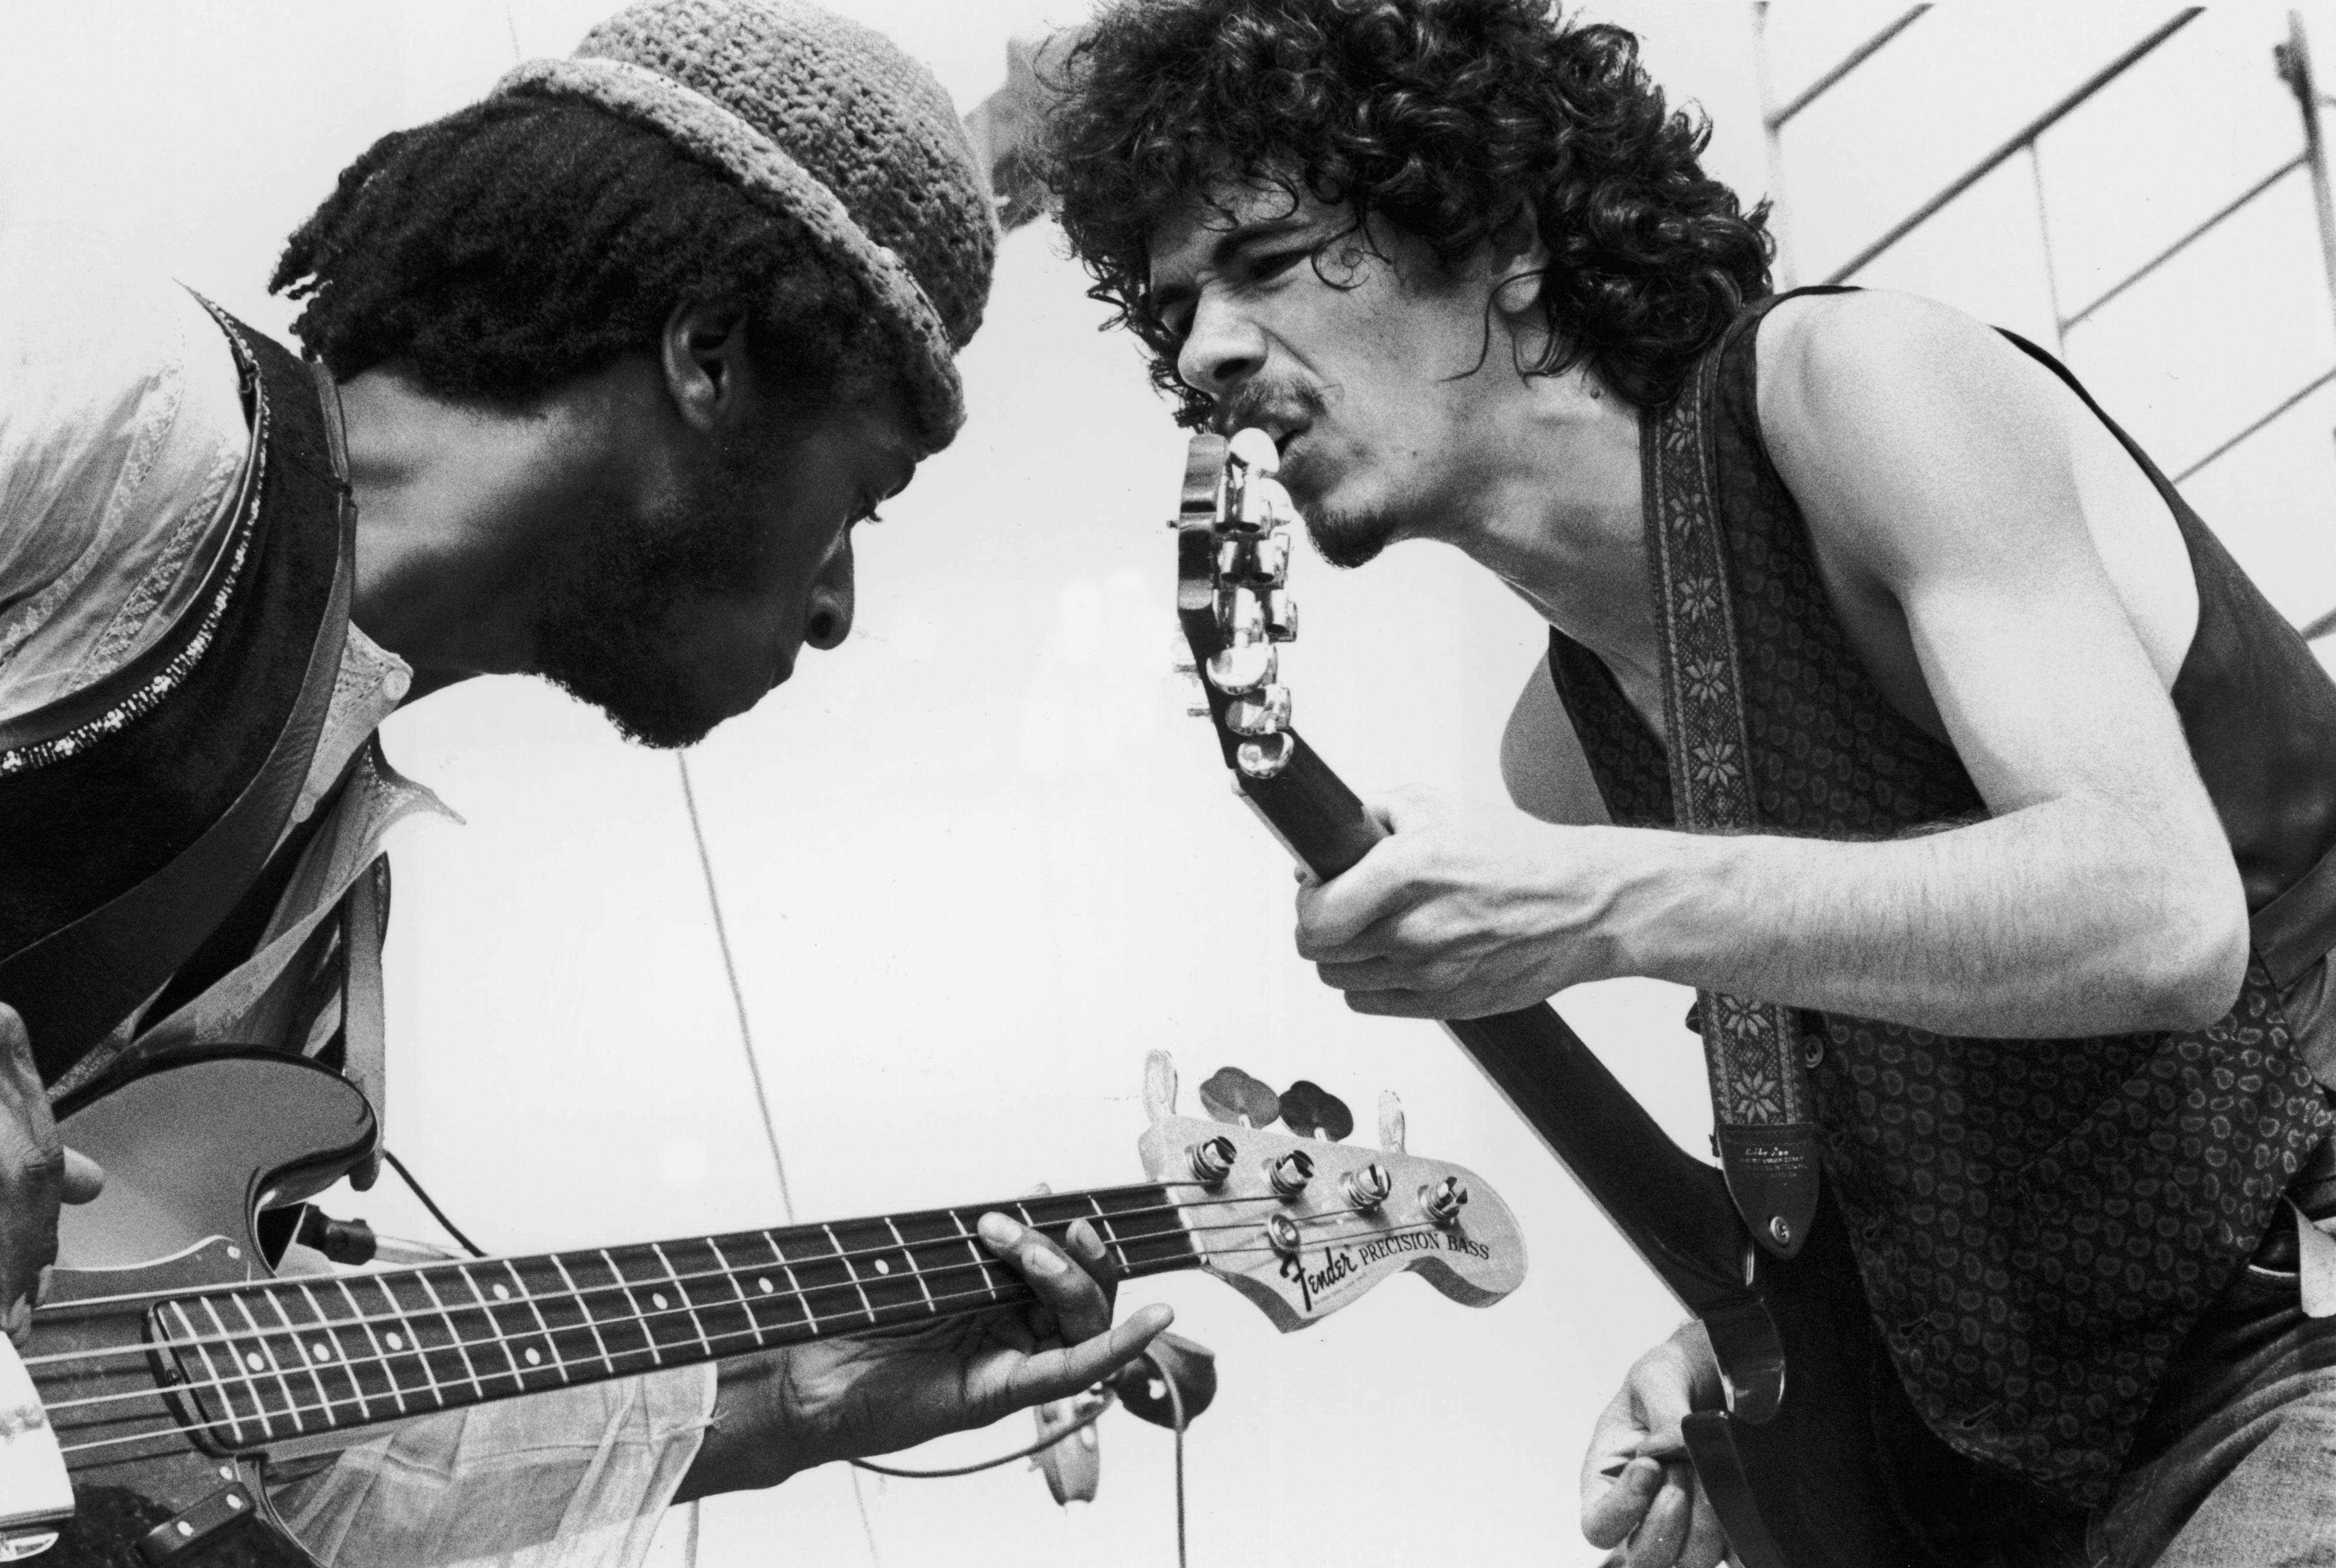 Woodstock 1969 fotos de desnudos